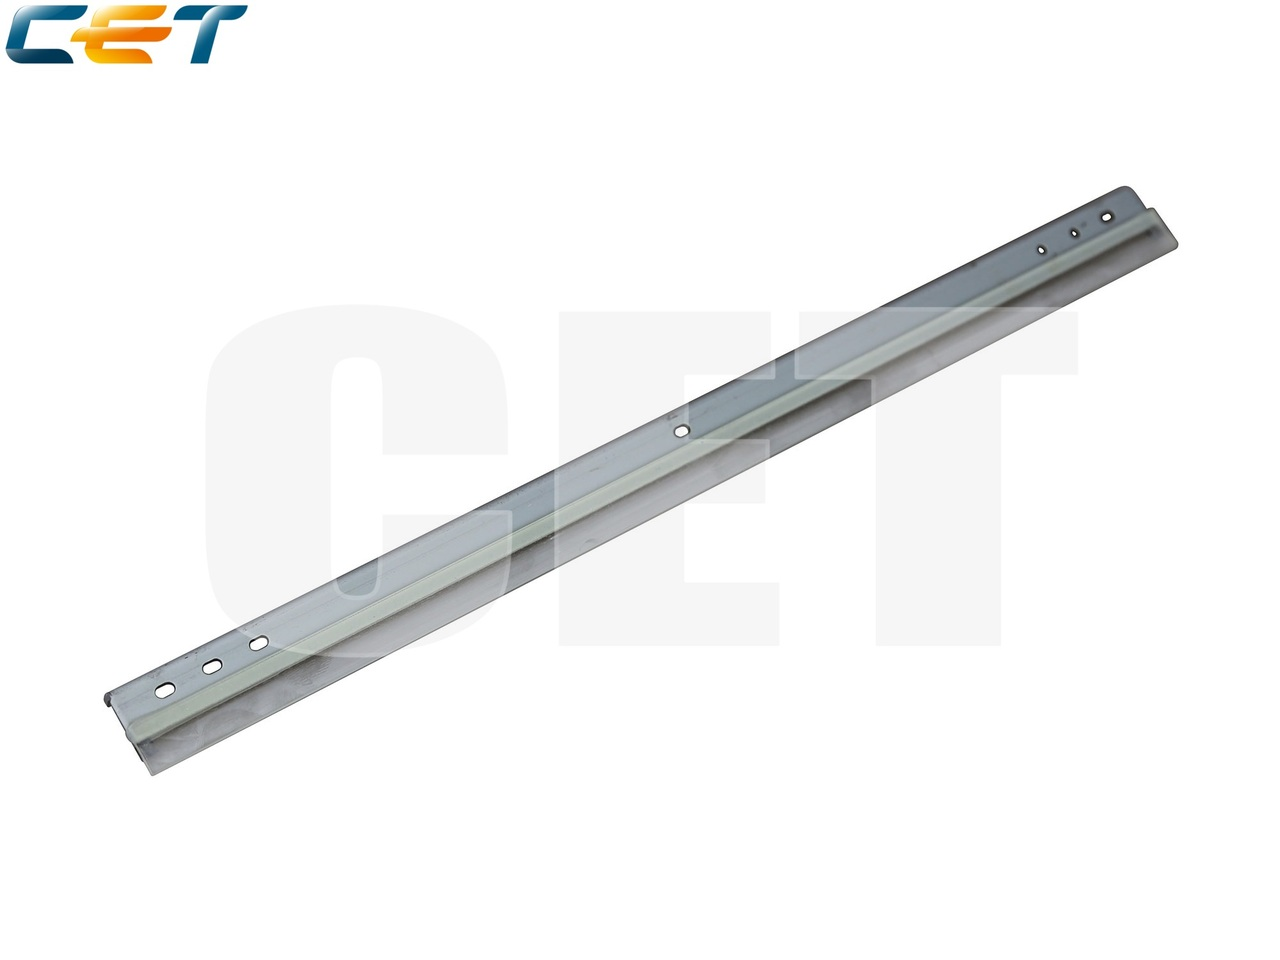 Ракель для SAMSUNG MultiXpress K2200 (CET), CET3565